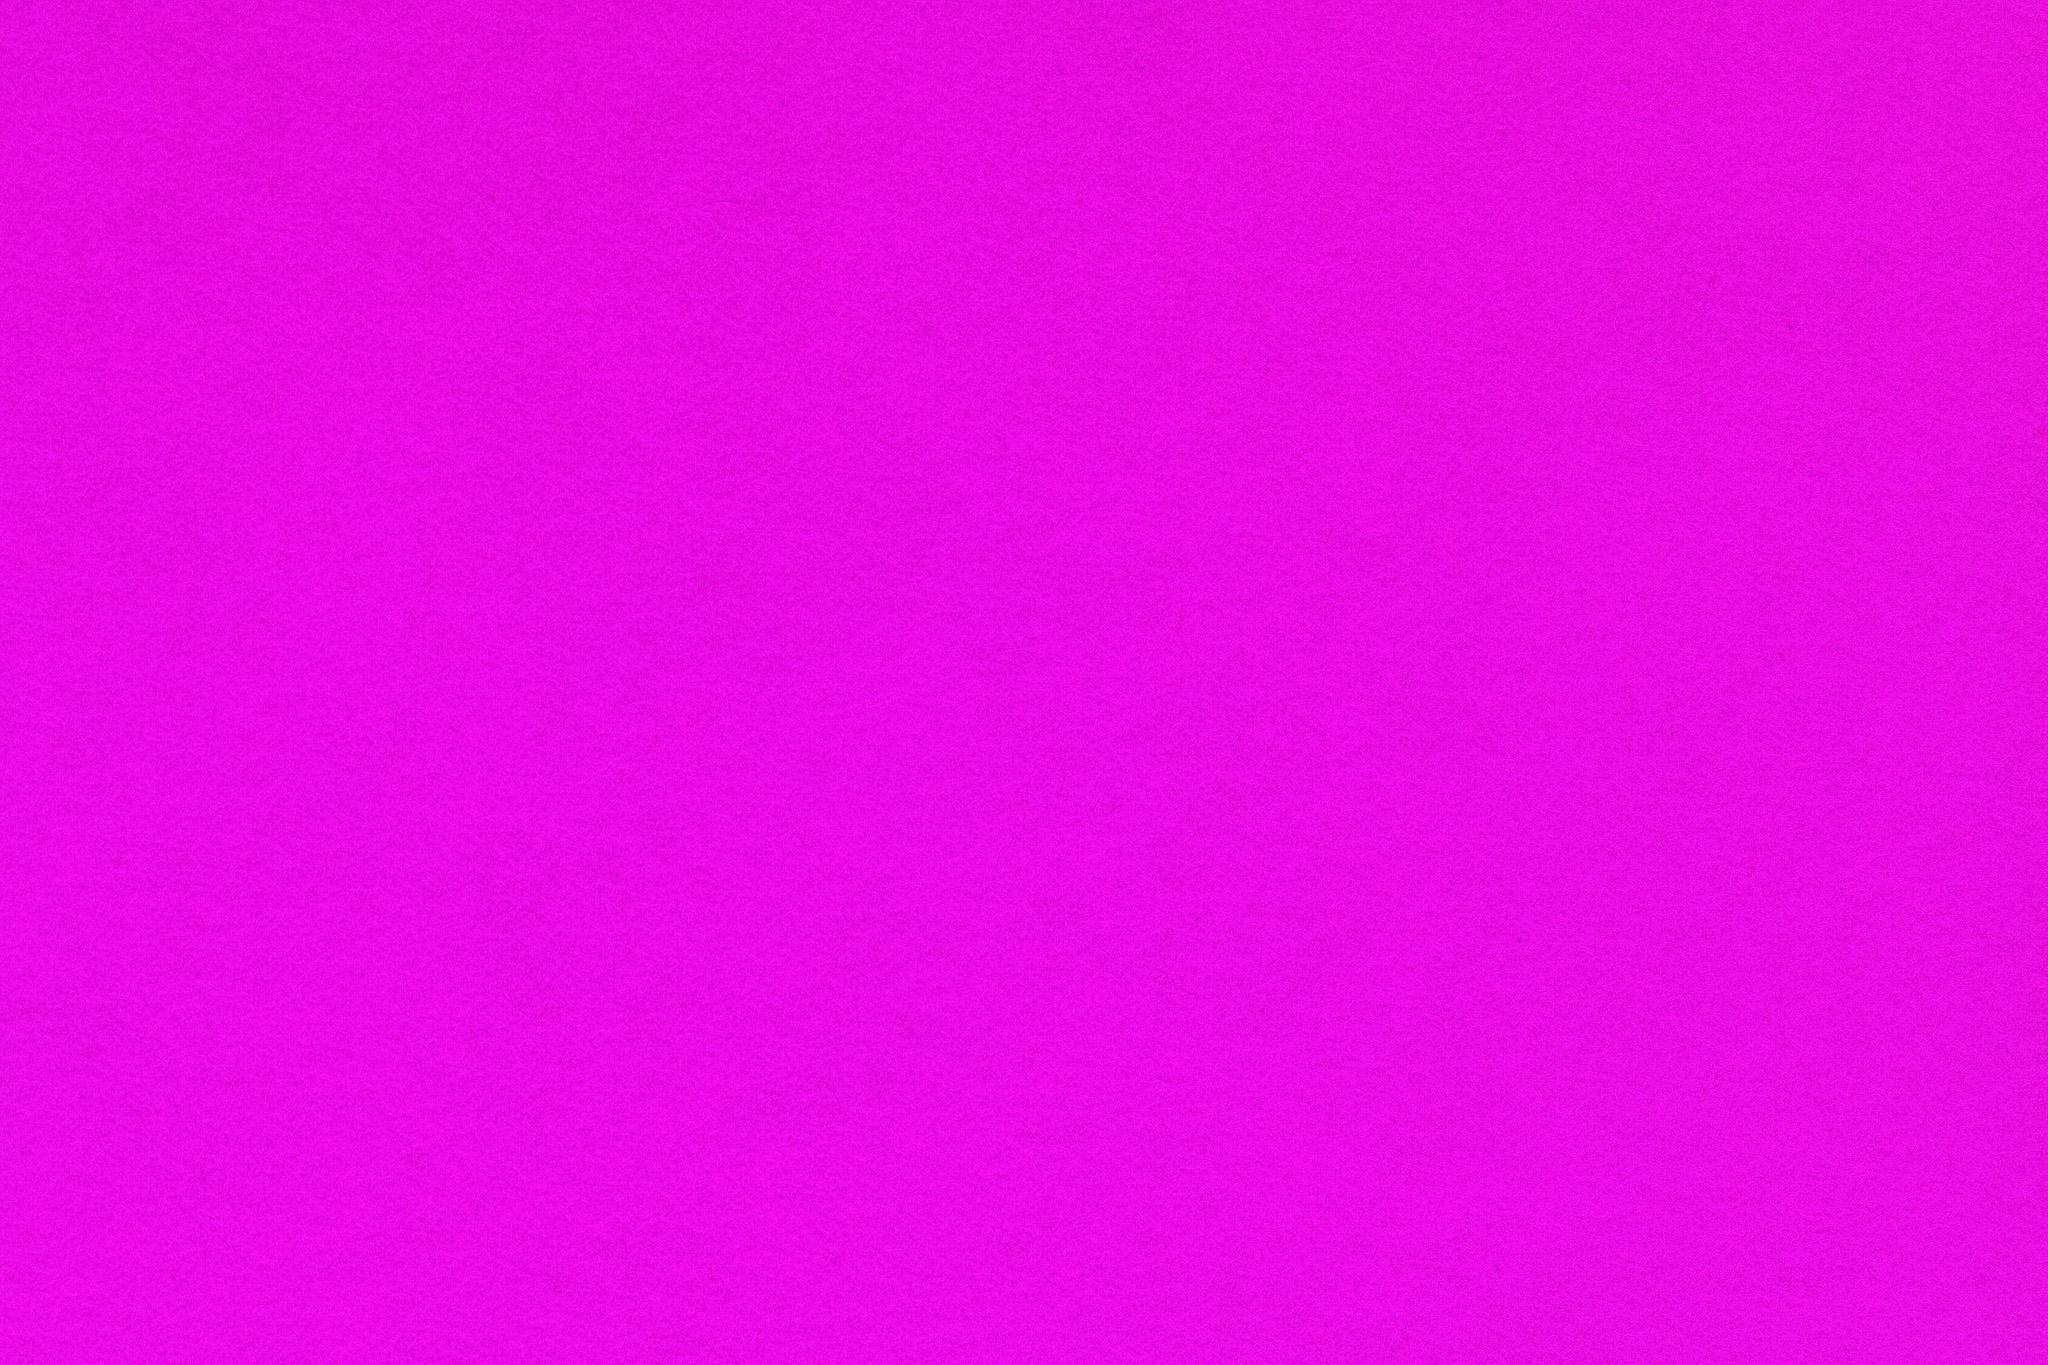 「鮮やかなピンク色の紙」の画像を無料ダウンロード